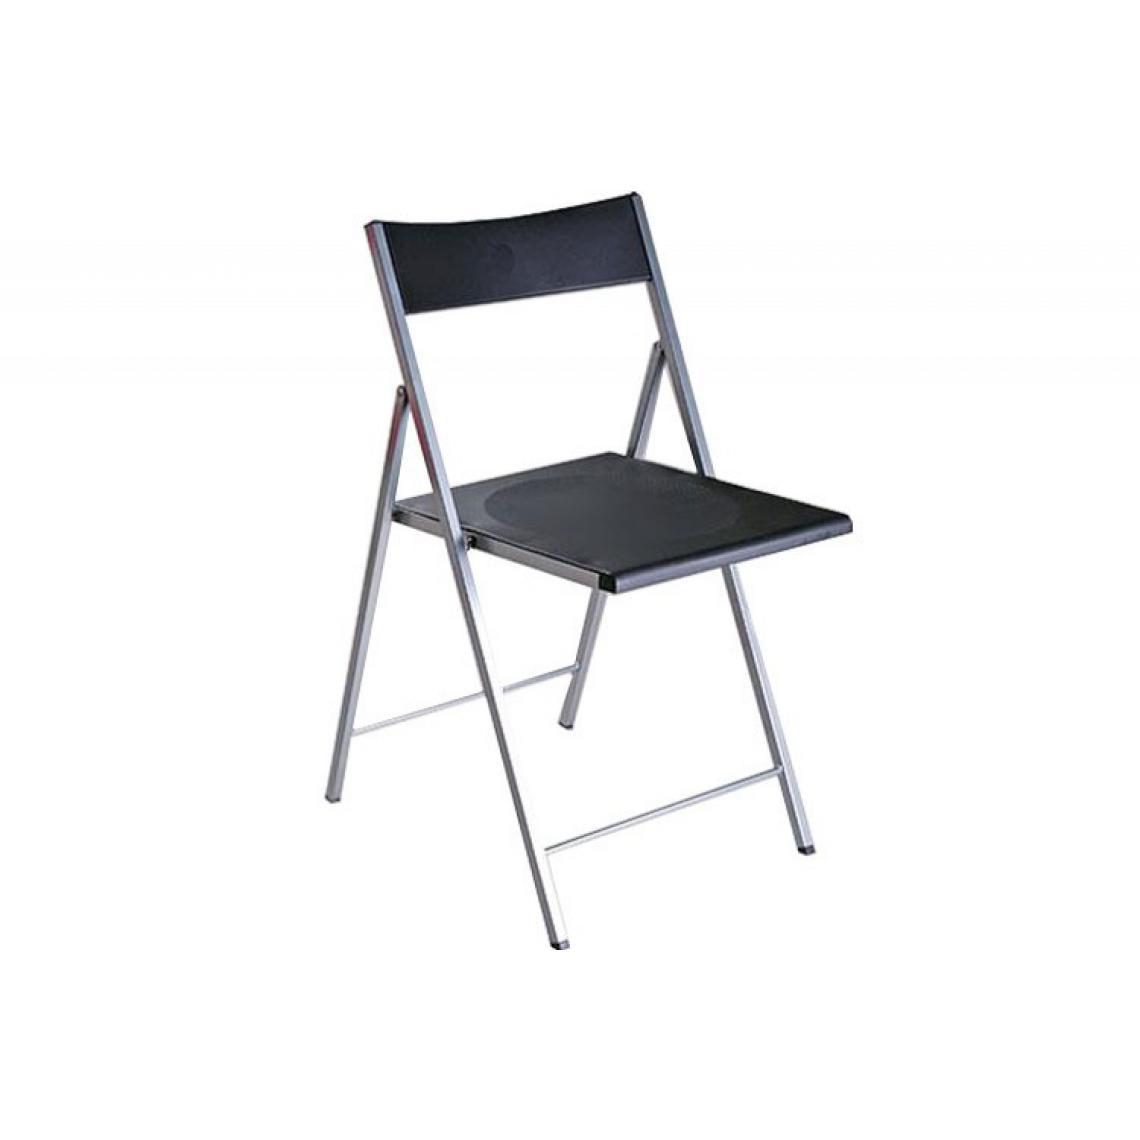 chaise pliante noire bilbao